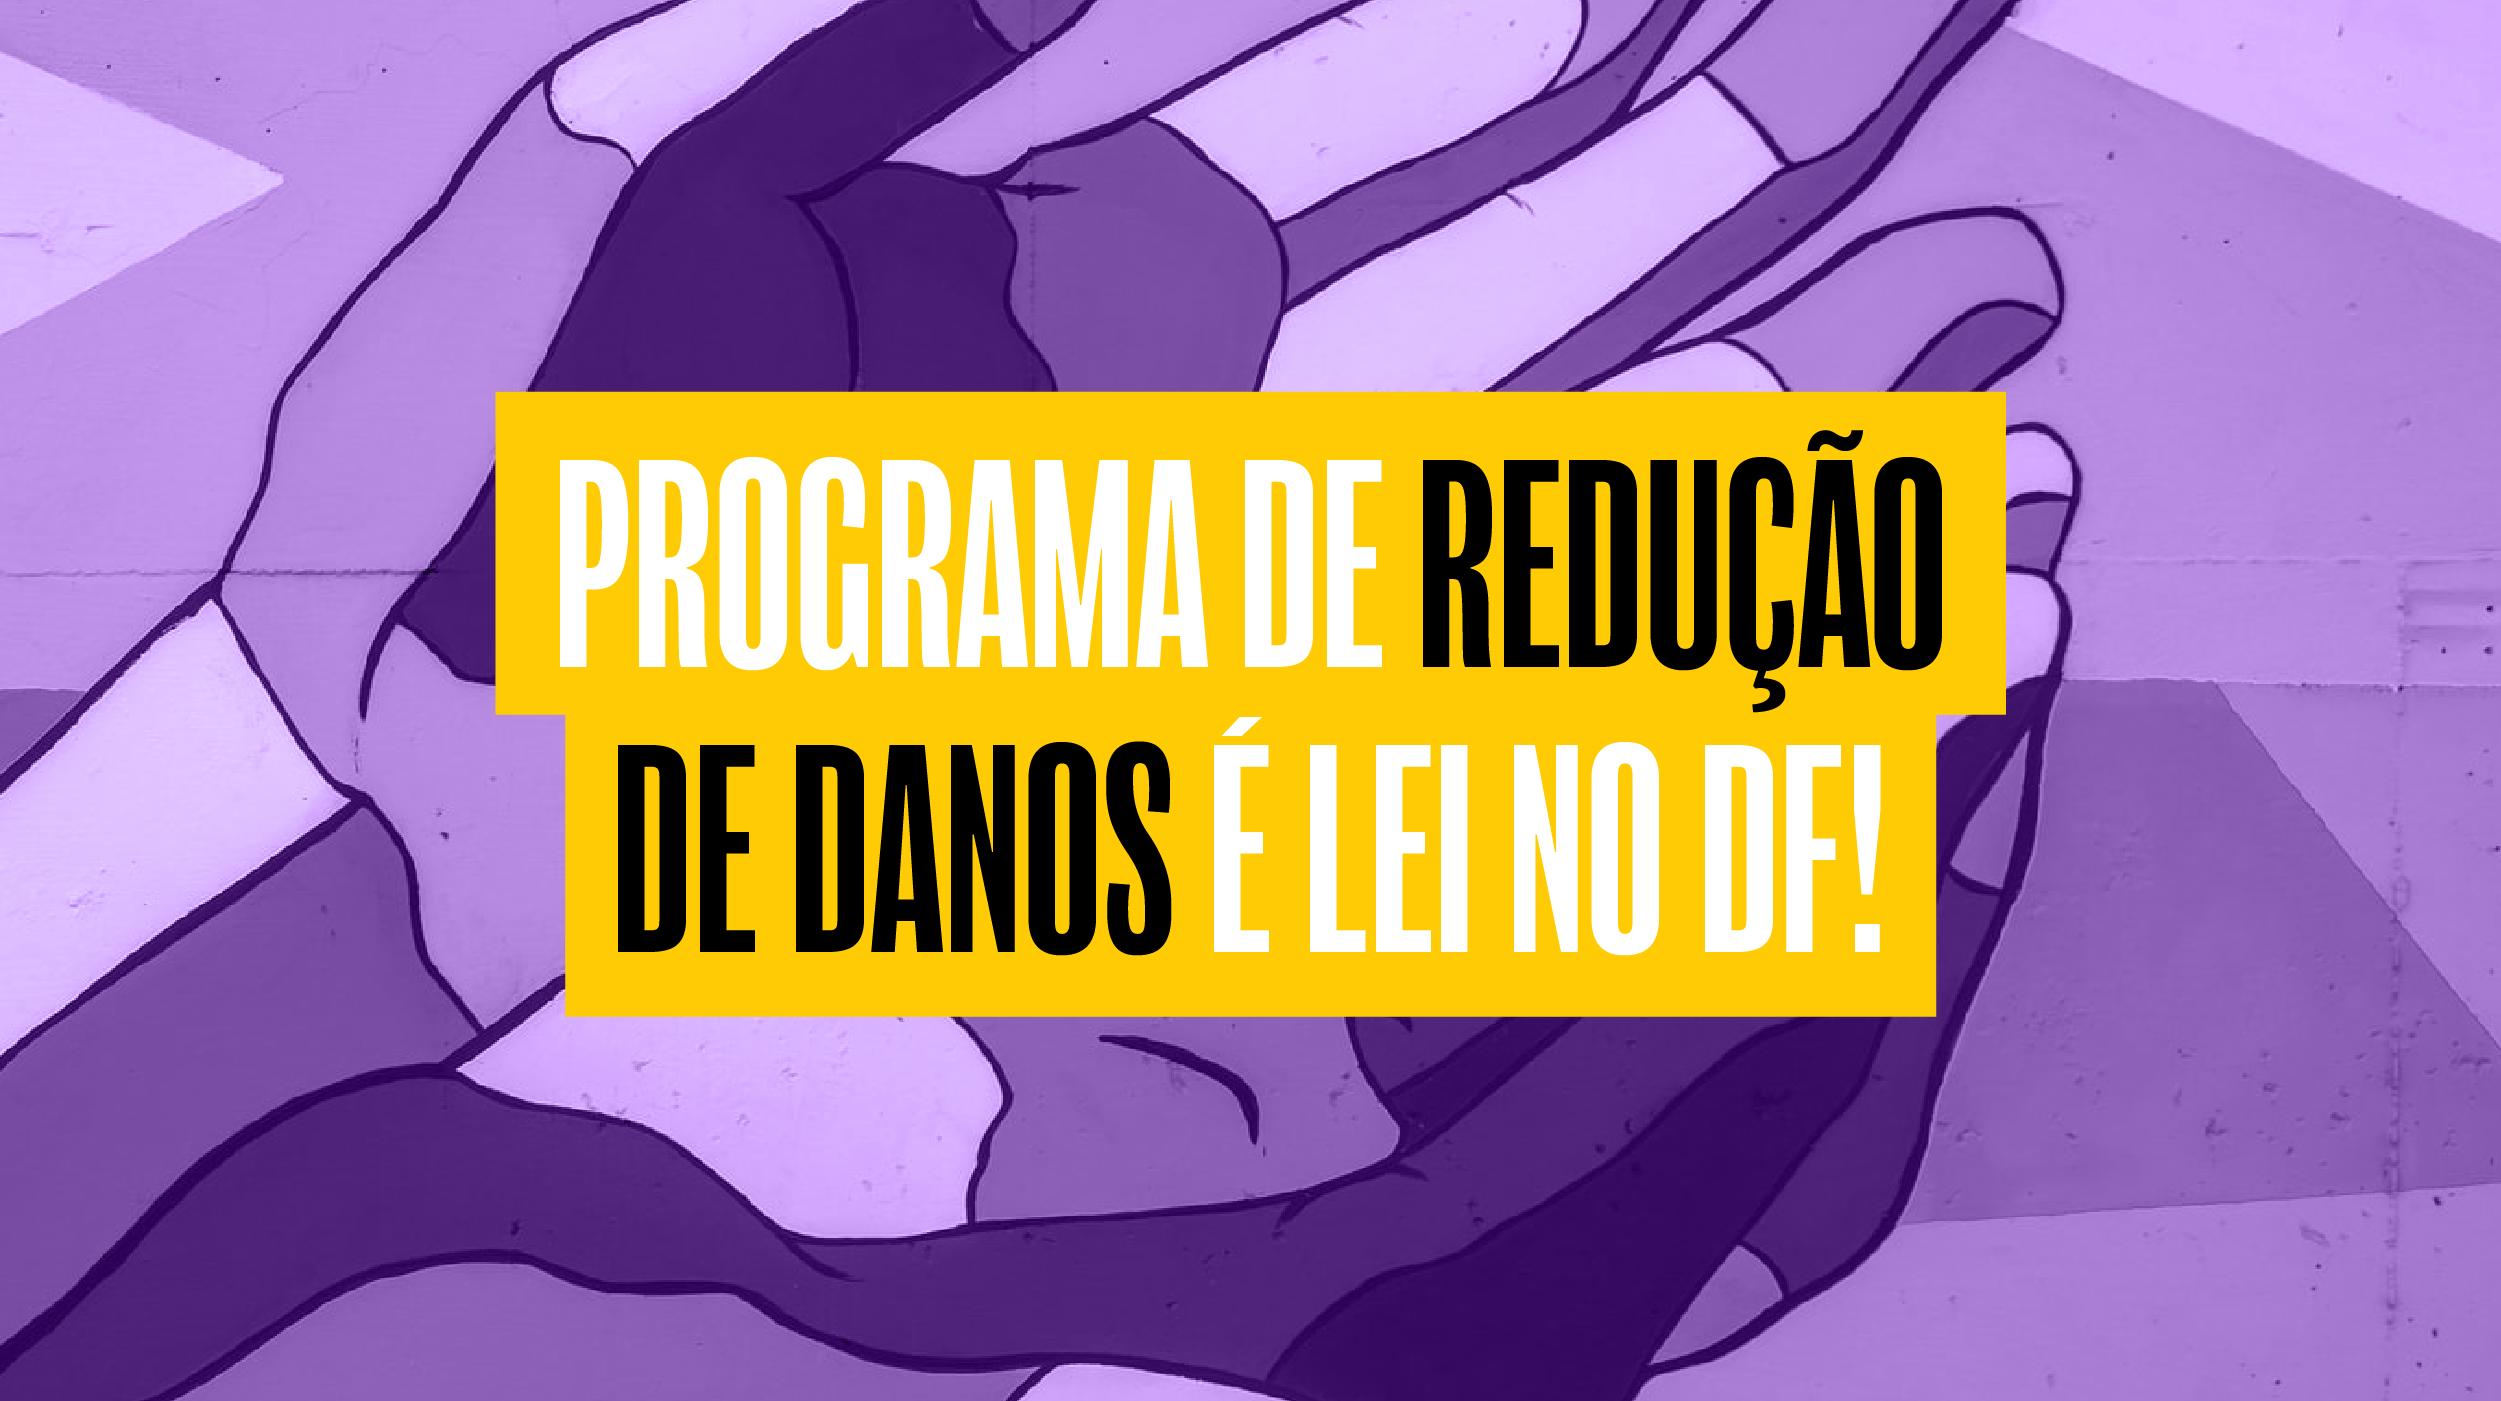 Agora é Lei: DF terá programa de redução de danos para usuários de drogas